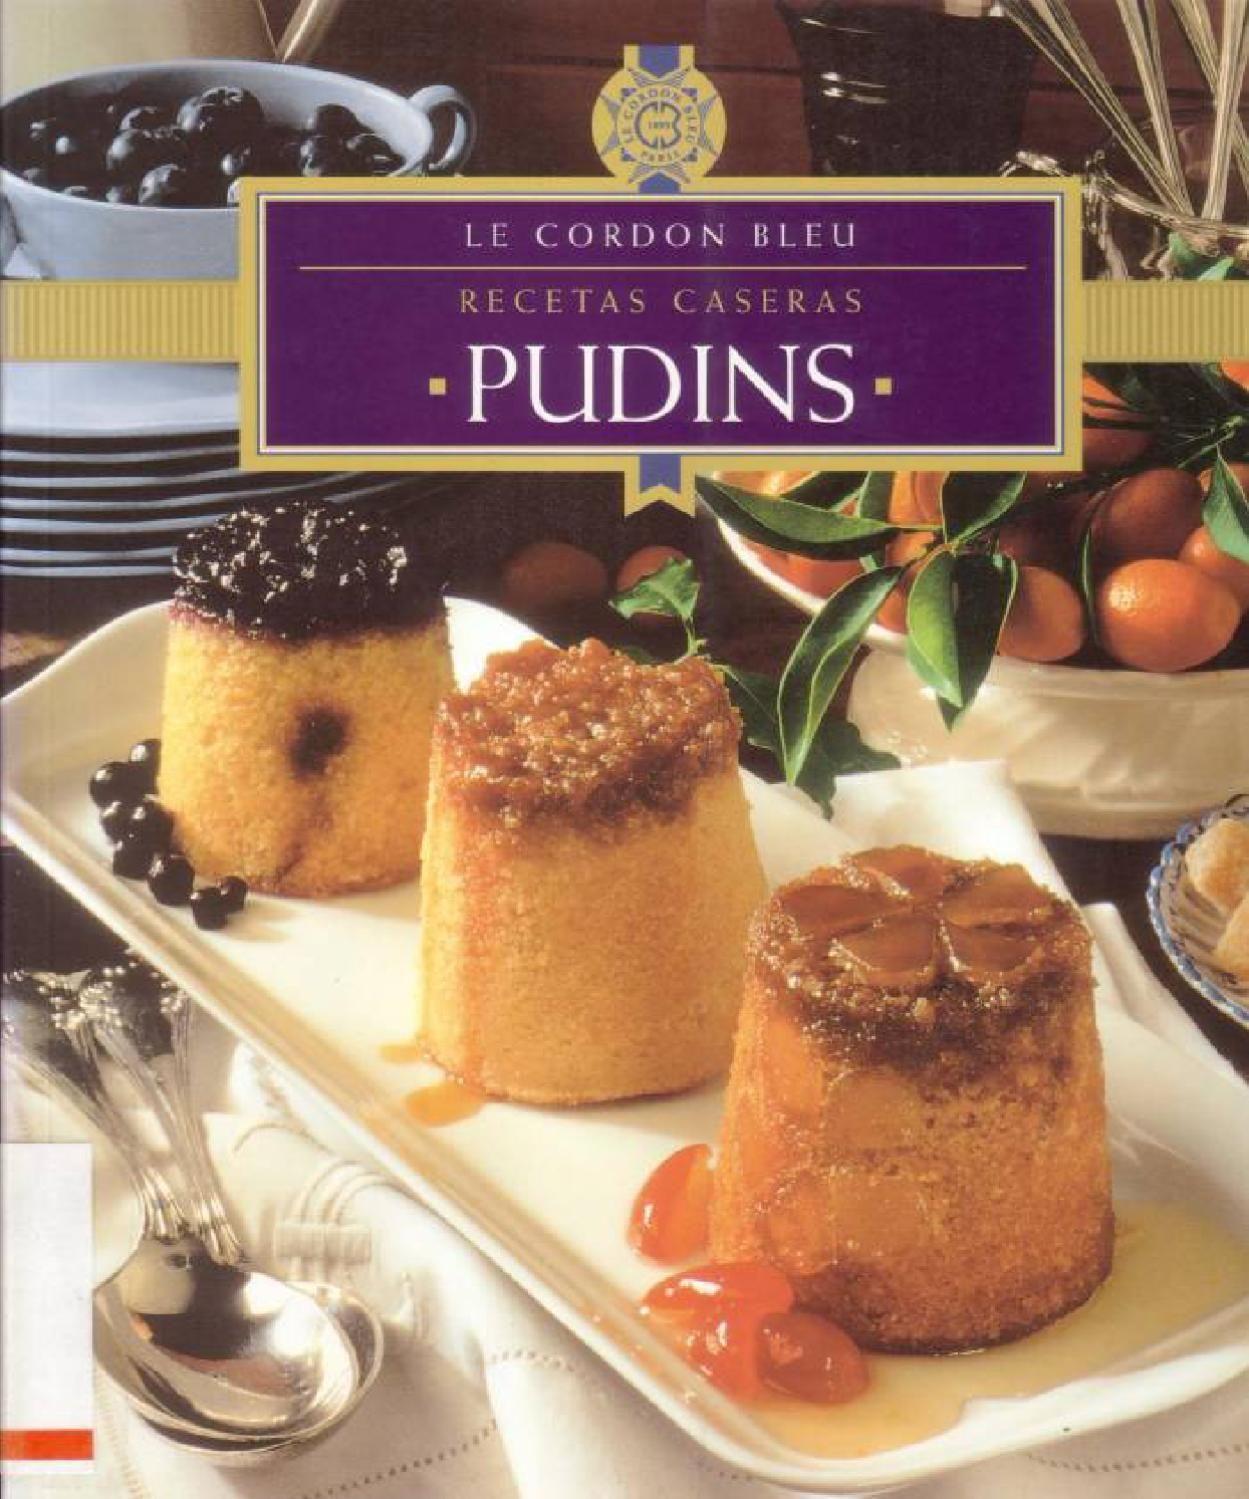 Pudins Le Cordon Bleu Libro De Cordon Bleu Sobre Pasteleria Cordon Bleu Le Cordon Bleu How To Cook Broccoli